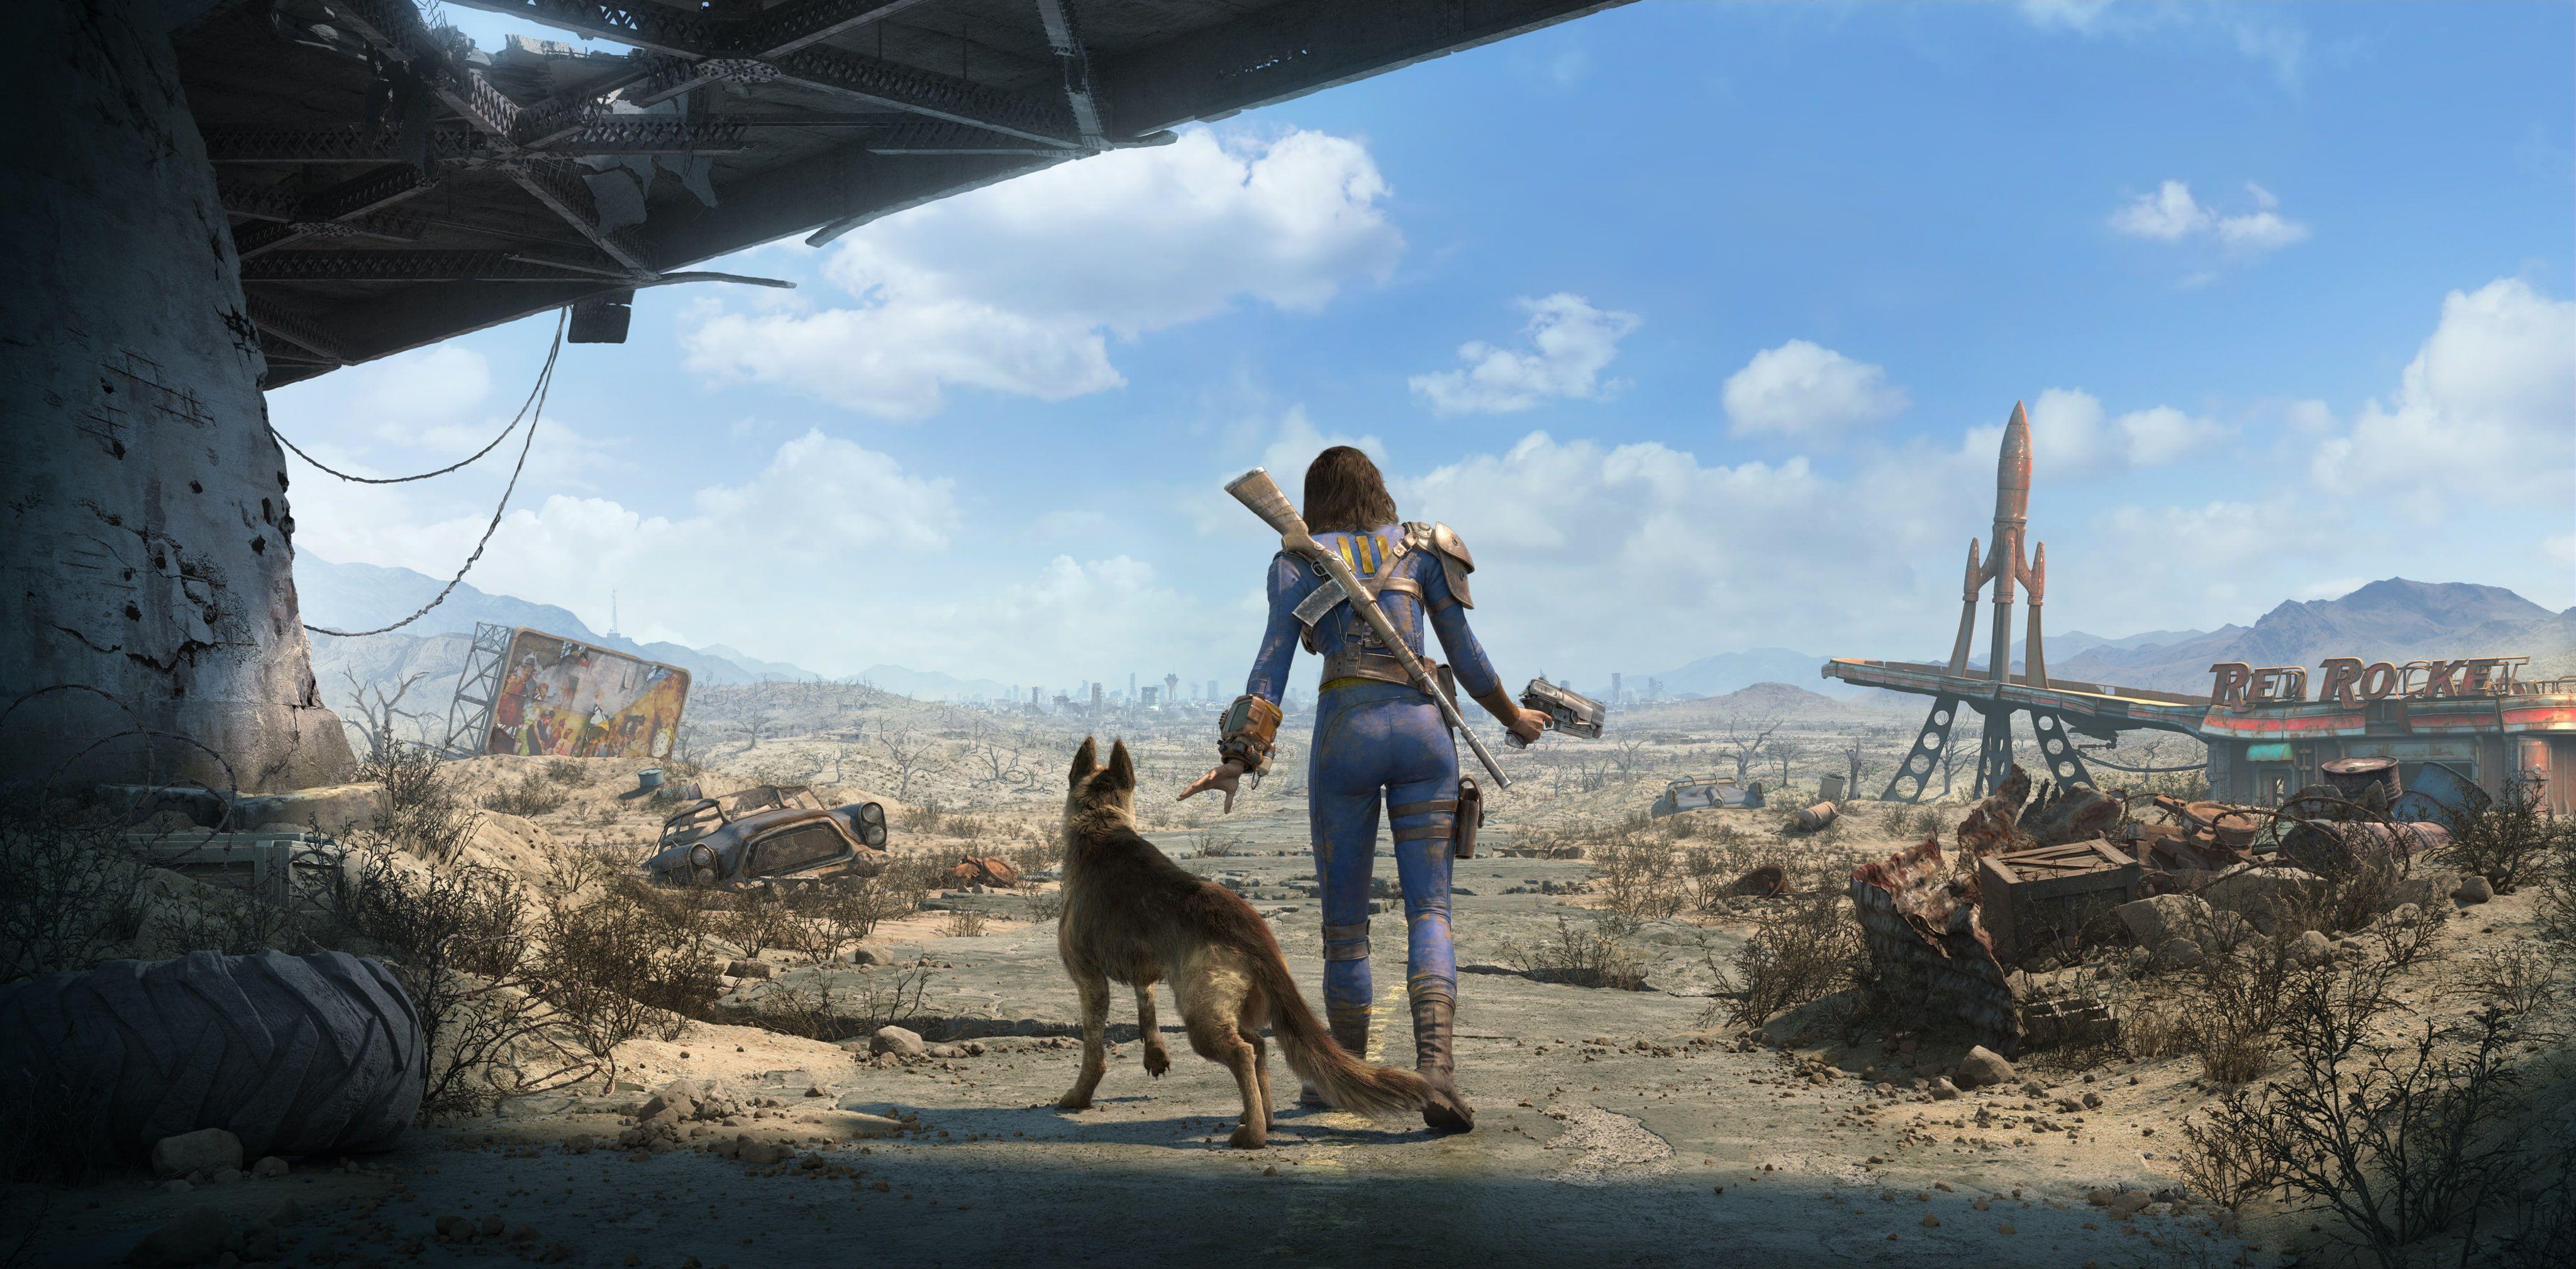 Girls Dogs Road Fallout 4 Nora 4k Wallpaper Hdwallpaper Desktop In 2020 Fallout 4 Wallpapers The Neighbourhood Fallout